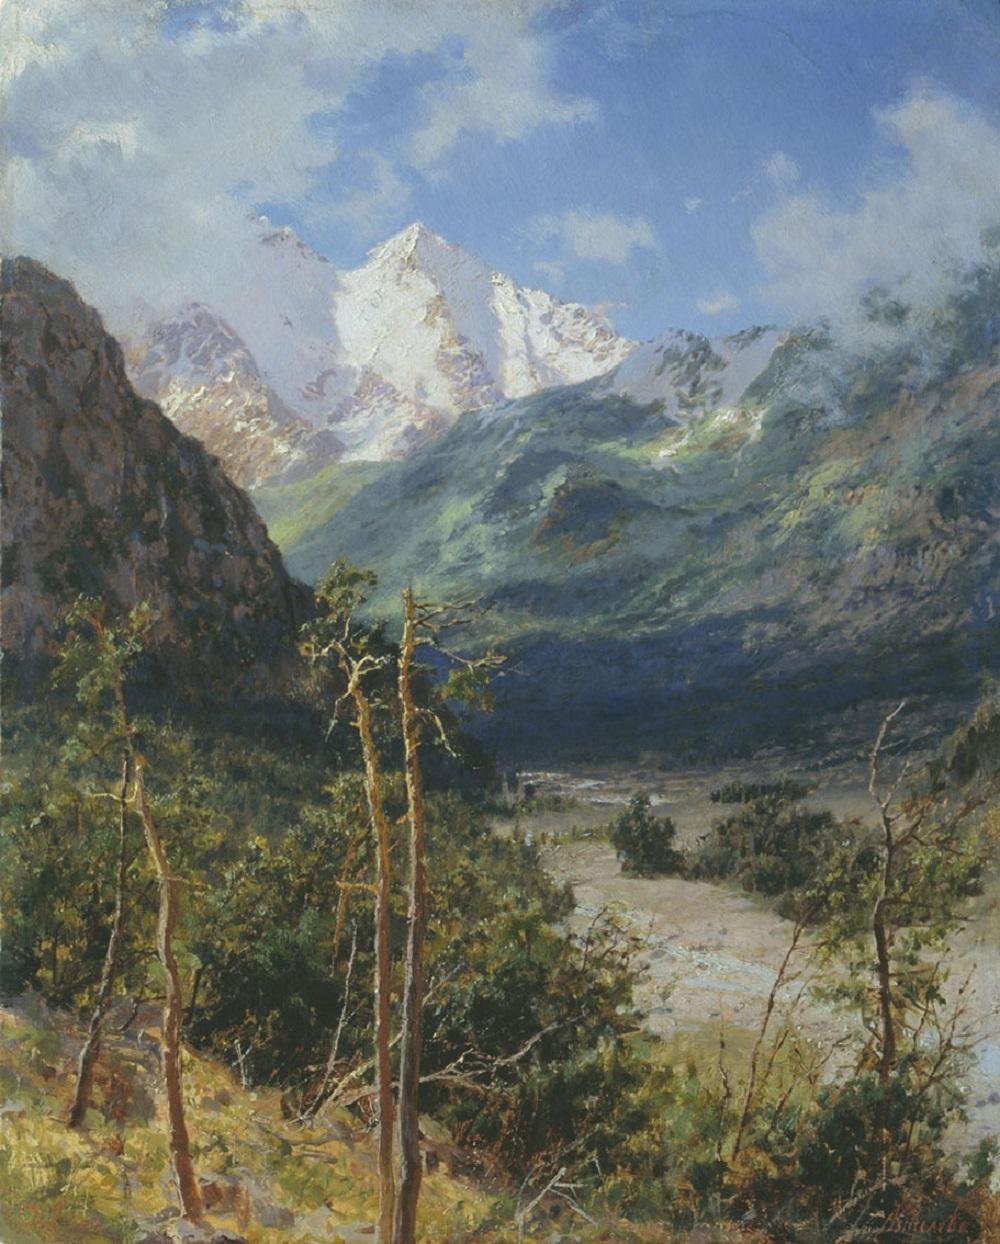 Горный пейзаж. Вершины Эльбруса 1901 картон масло 41 х 33 см Омский областной музей изобразительных искусств им. М.А Врубеля.jpg